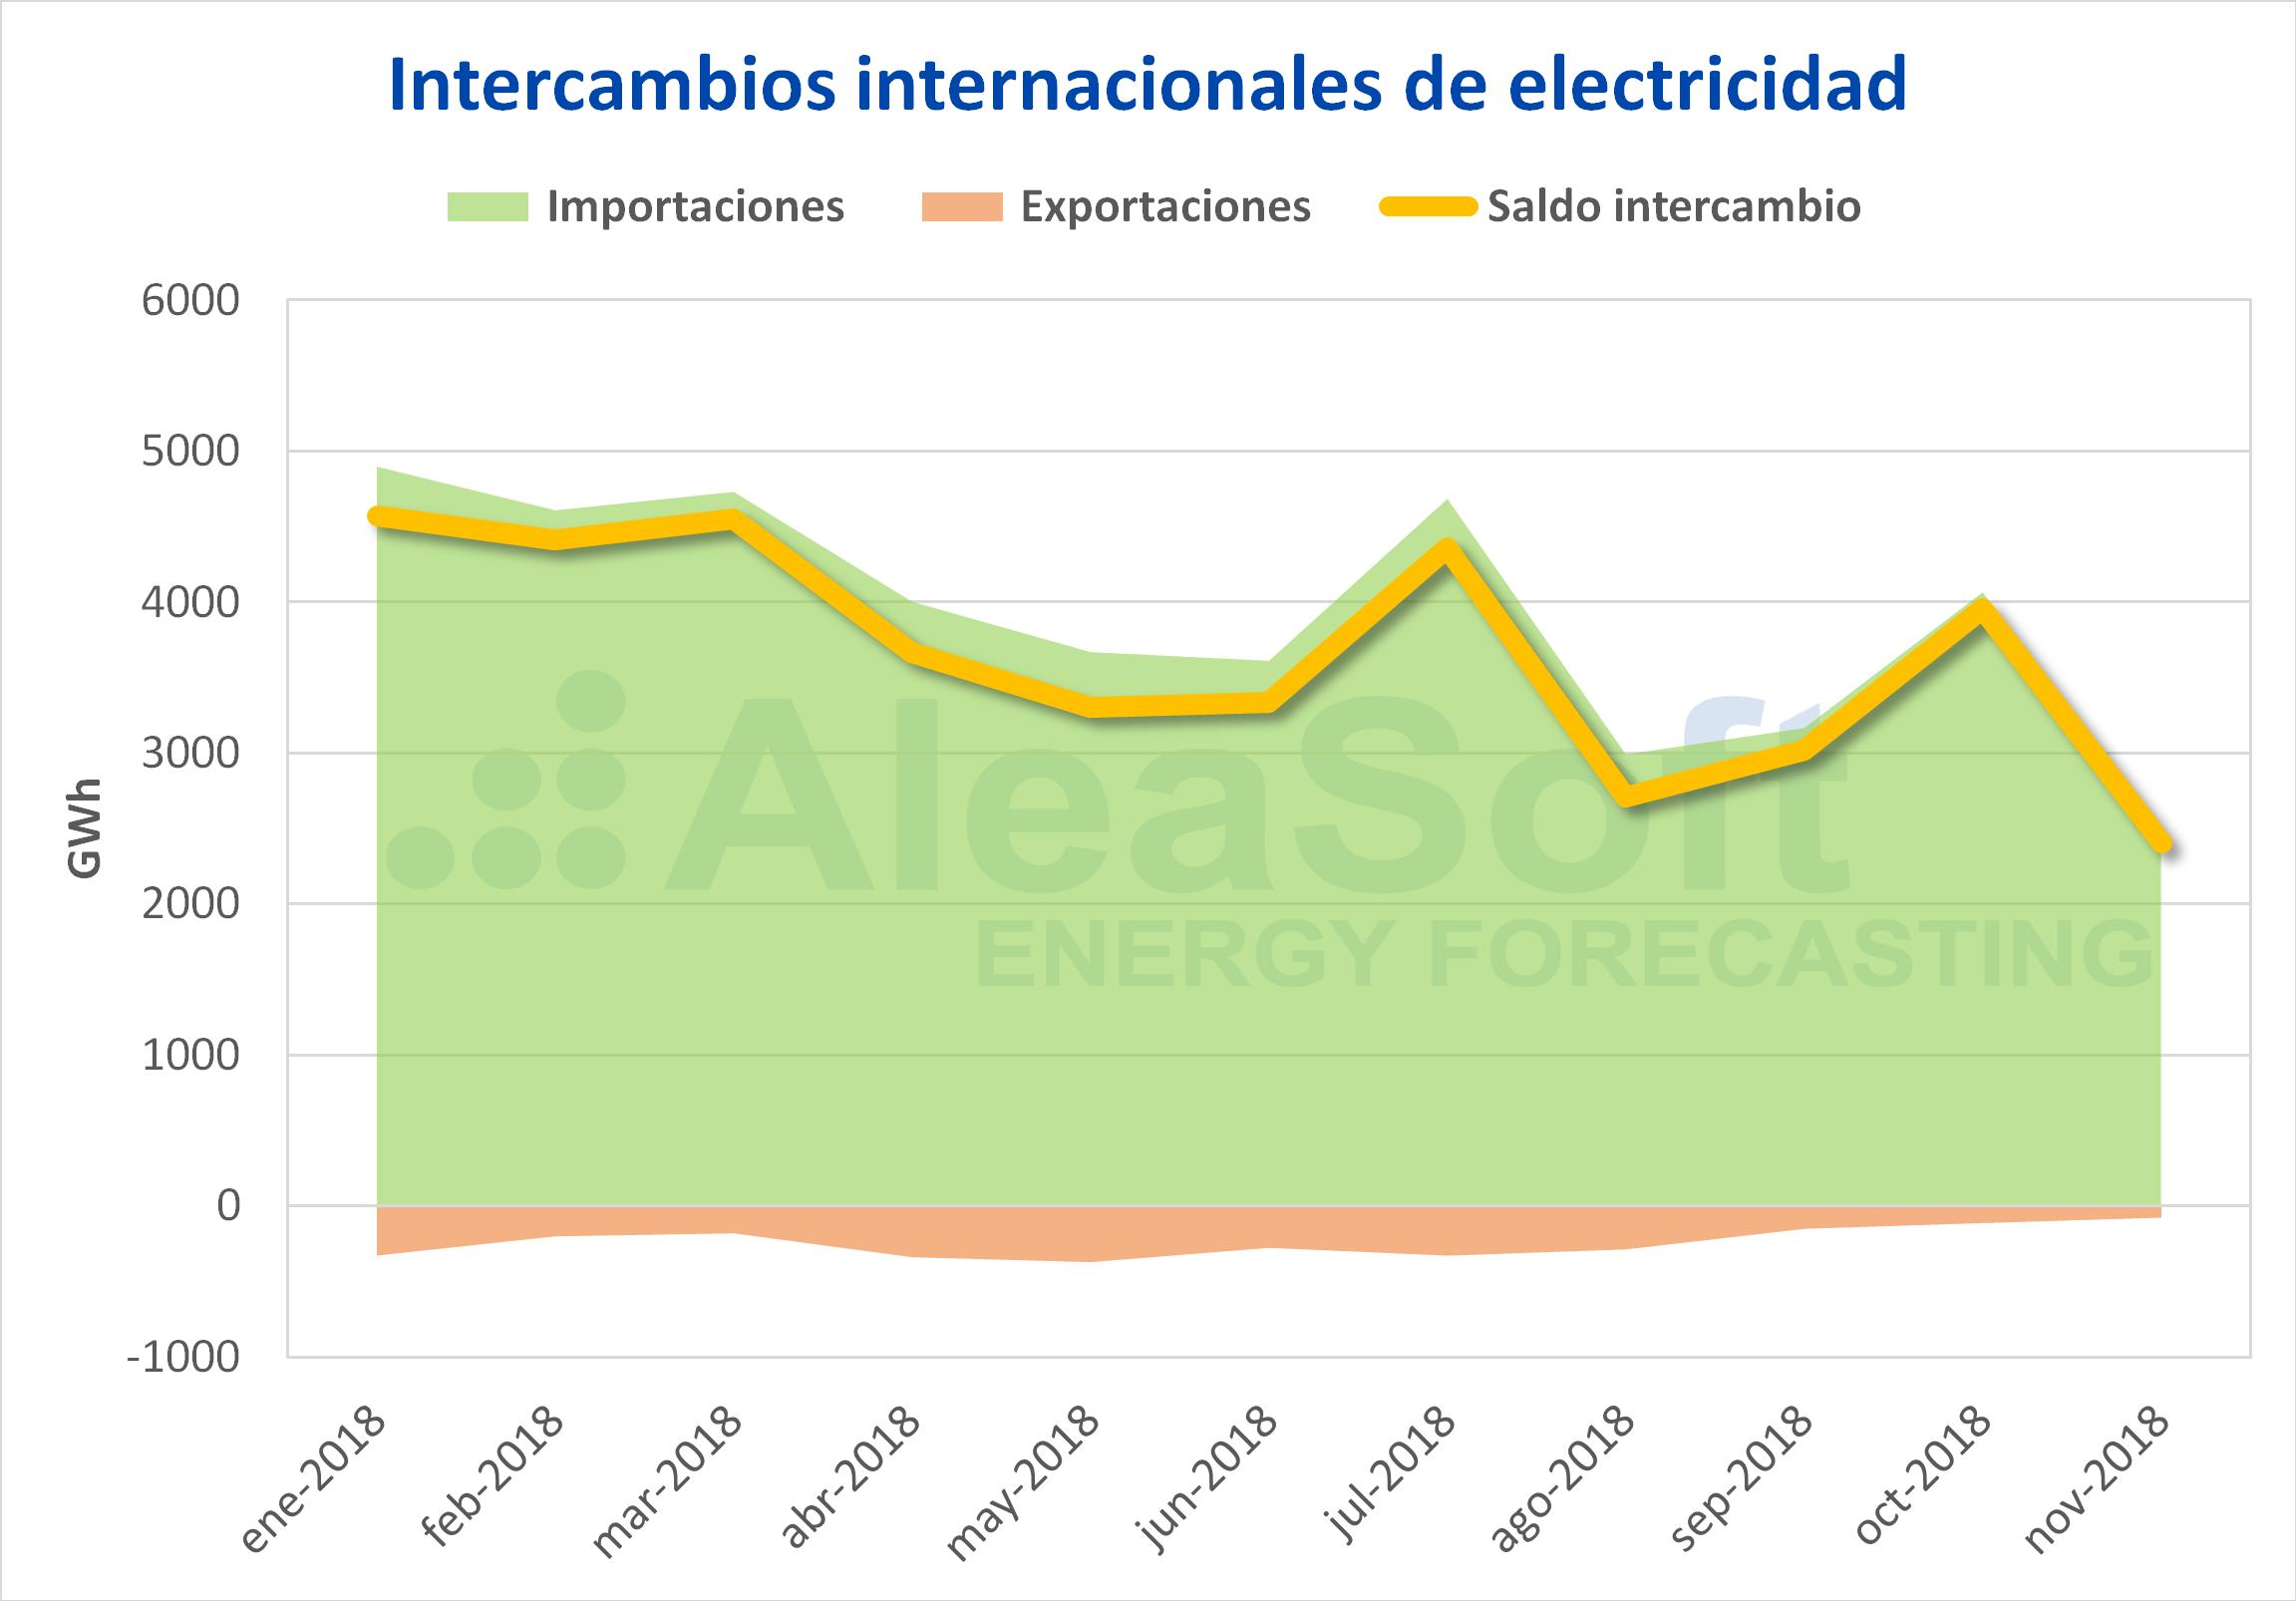 AleaSoft - Intercambios internacionales de electricidad